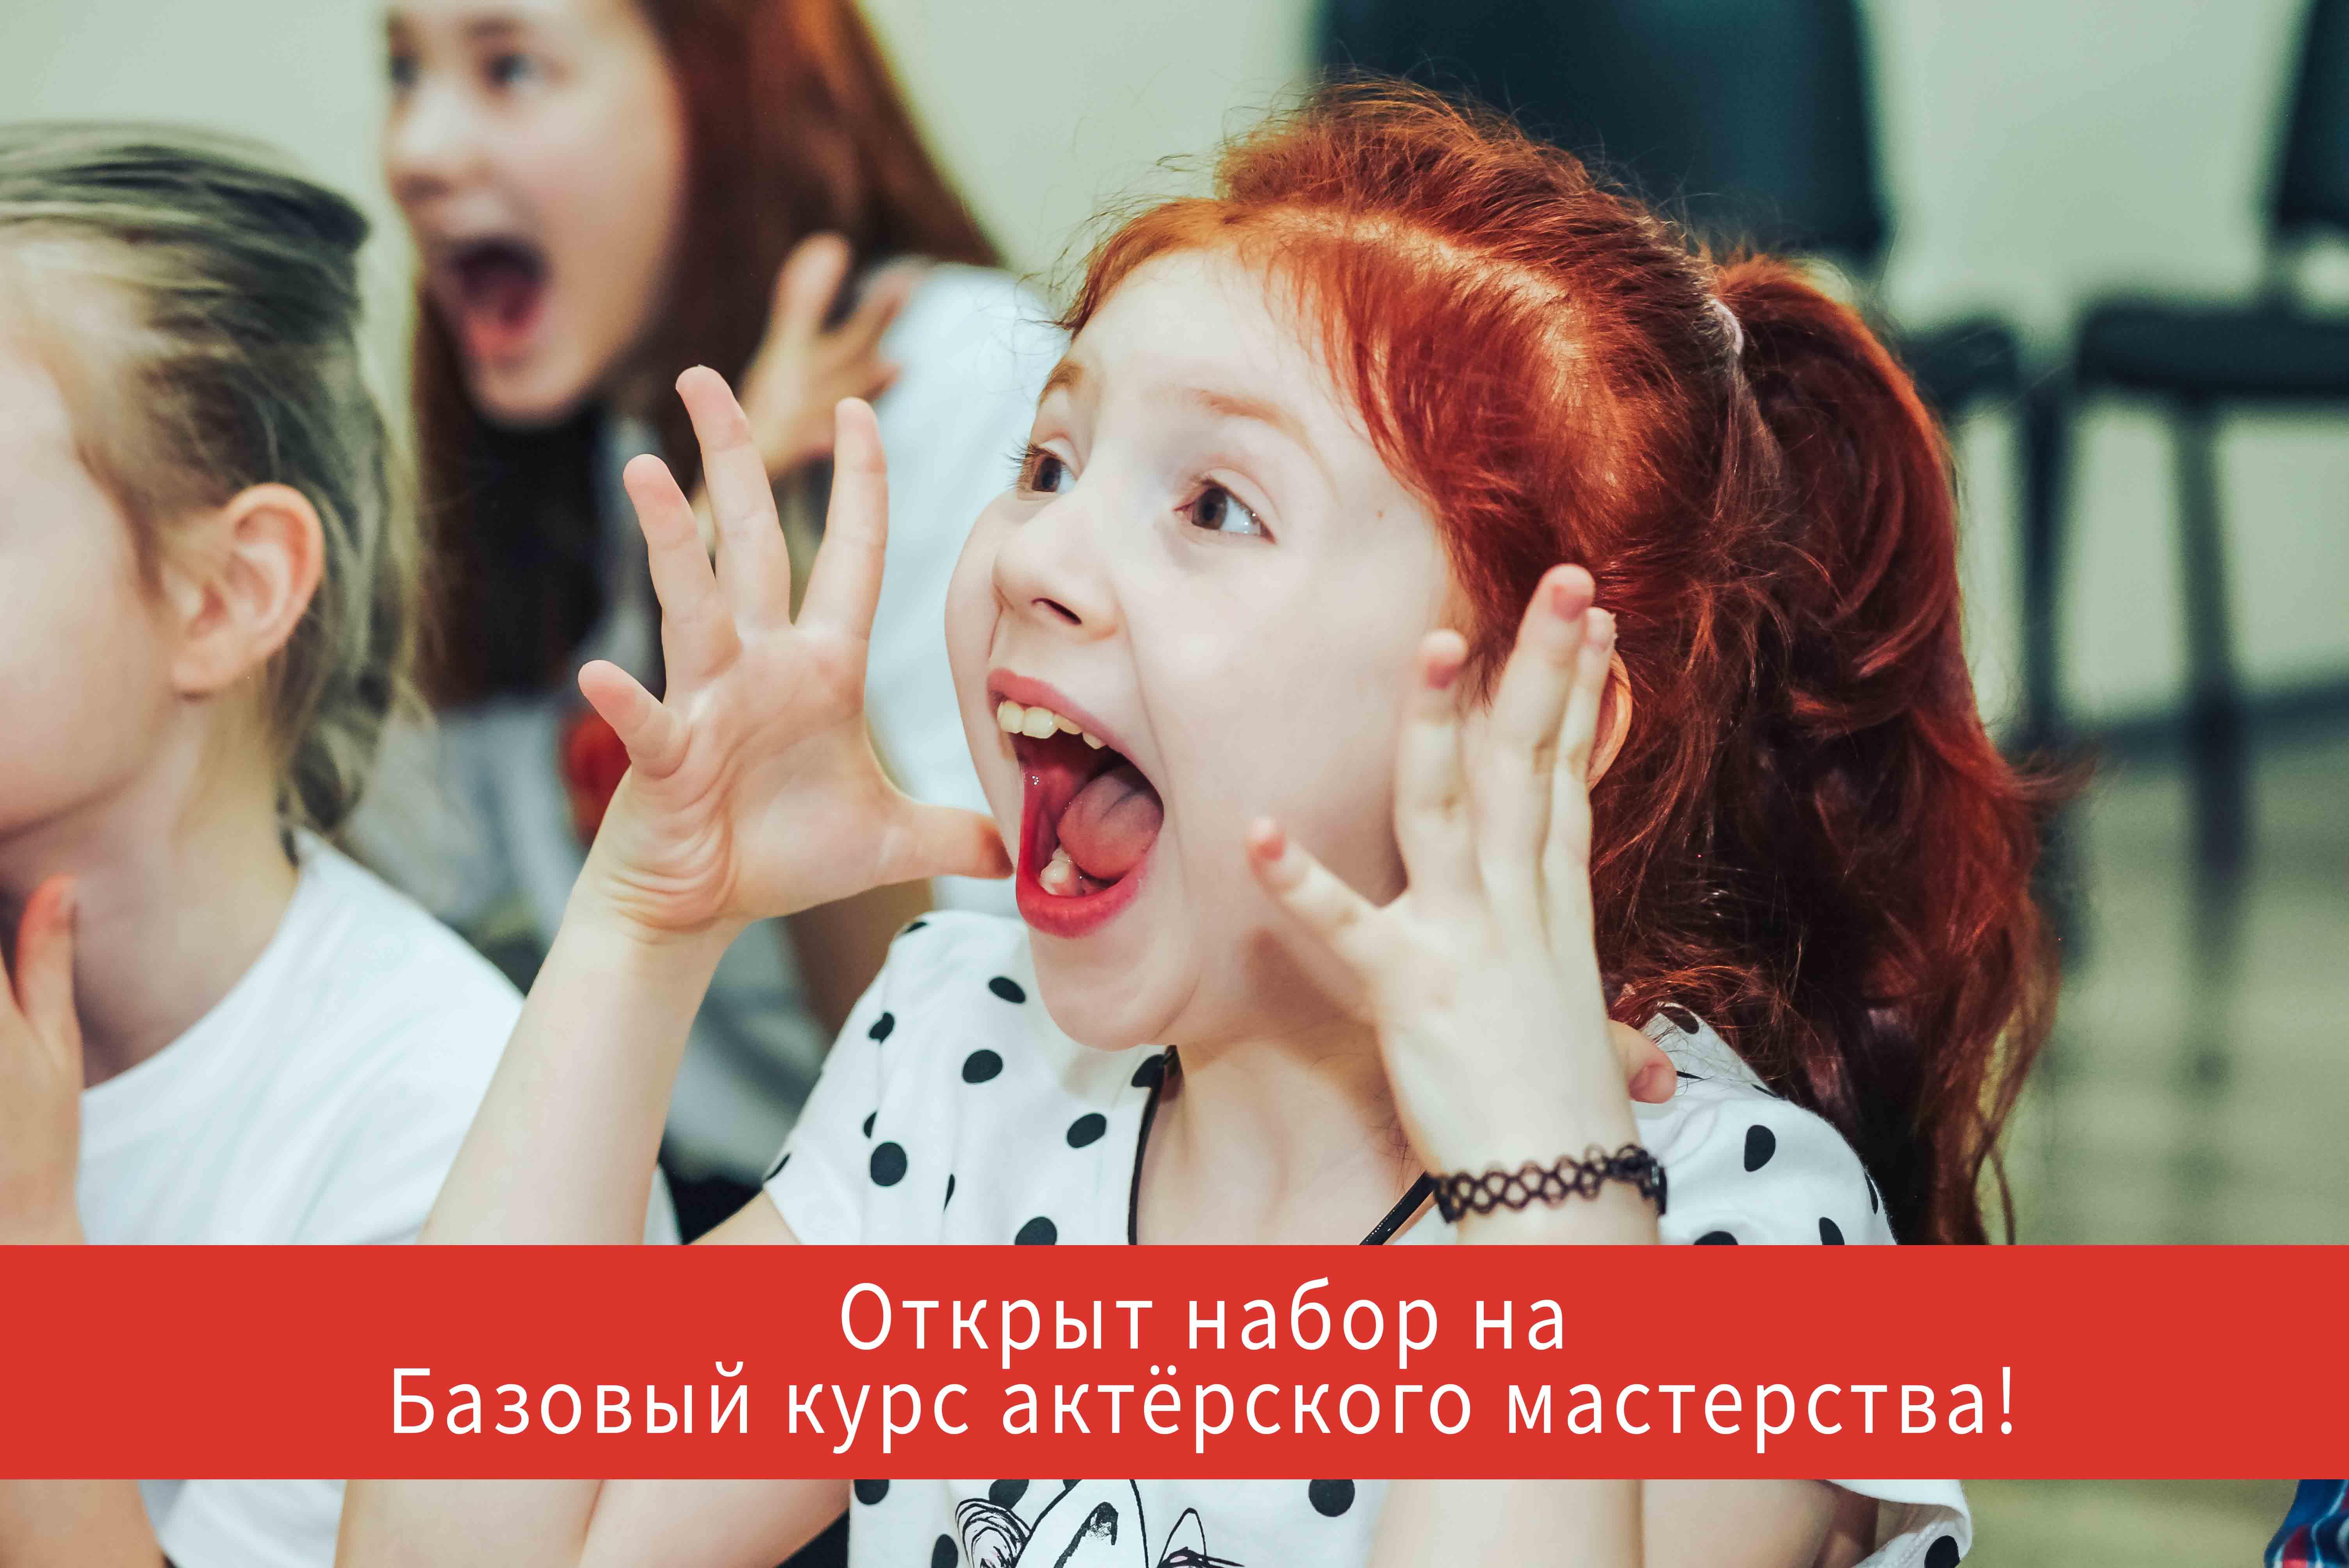 Открыт набор на Базовый курс актёрского мастерства!